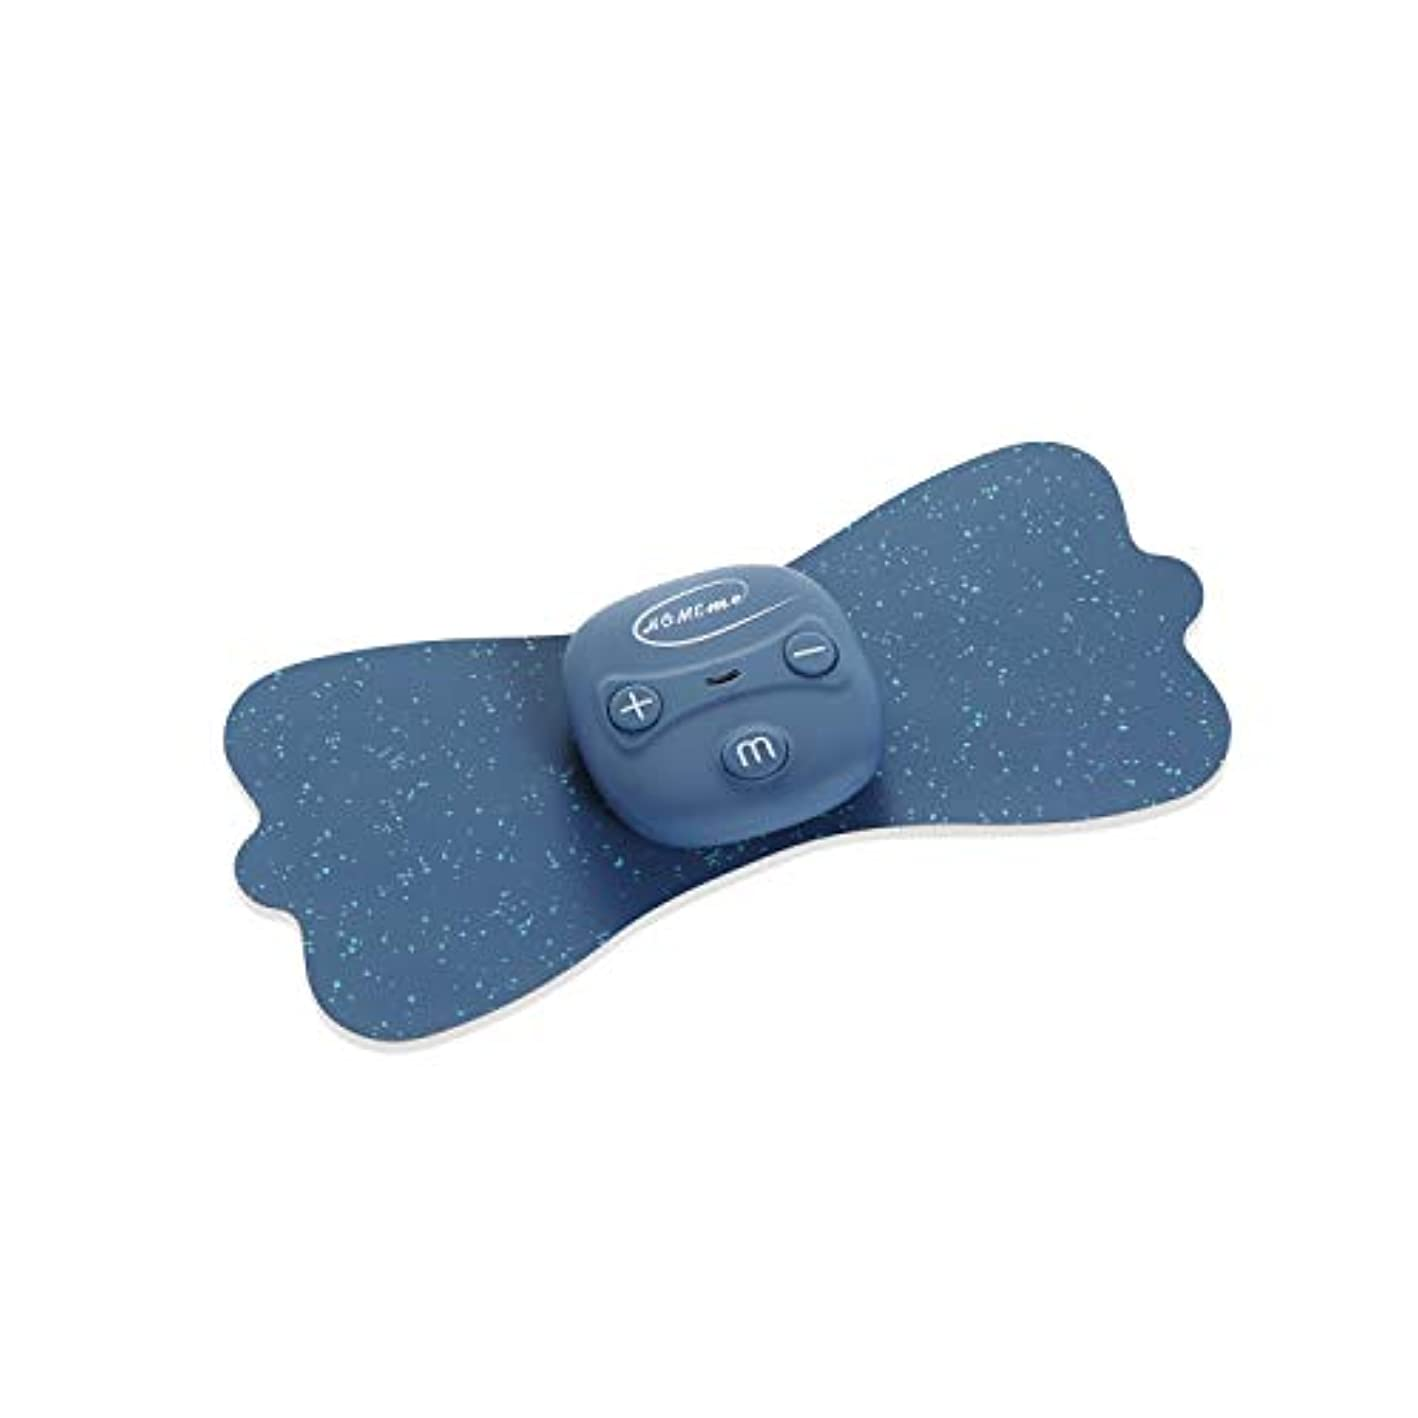 是正シロクマ金貸しHOMEME 低周波マッサージパッド 2枚 EMSパッド 15段階調節 6つモード 腰マッサージ usb充電式 筋疲労回復 一年保証 首/肩/腰/背中/手/足向け